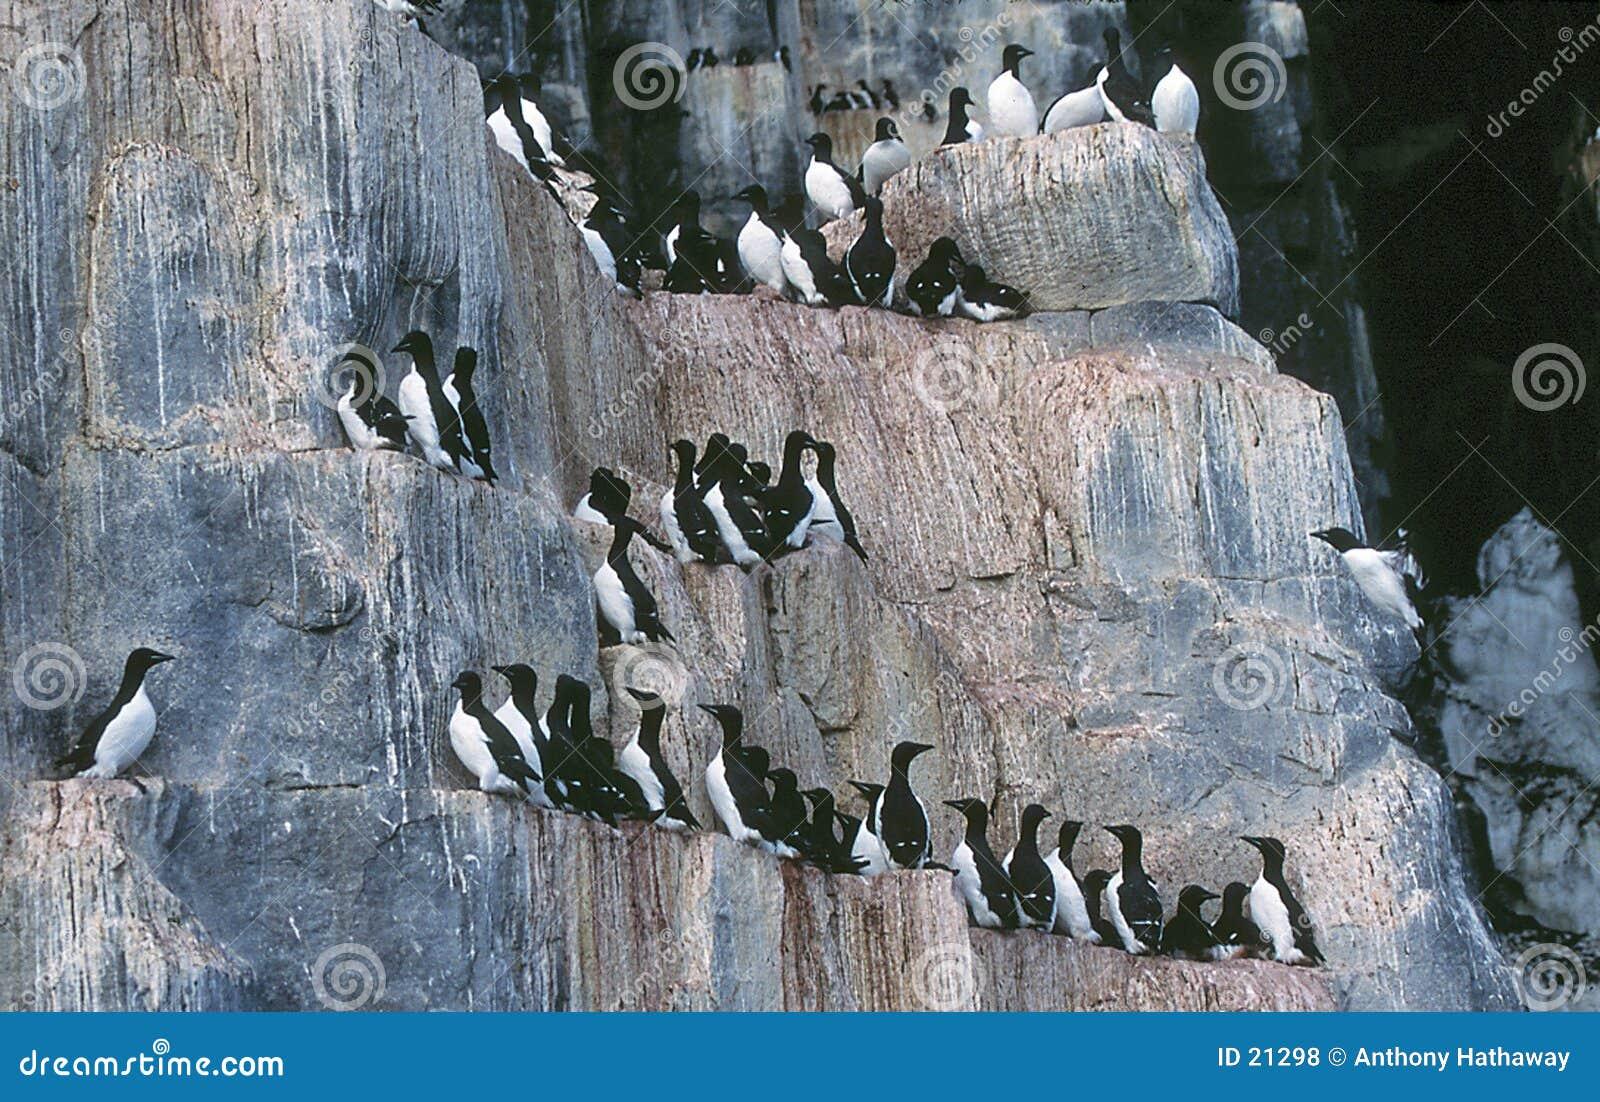 Fågelklippor